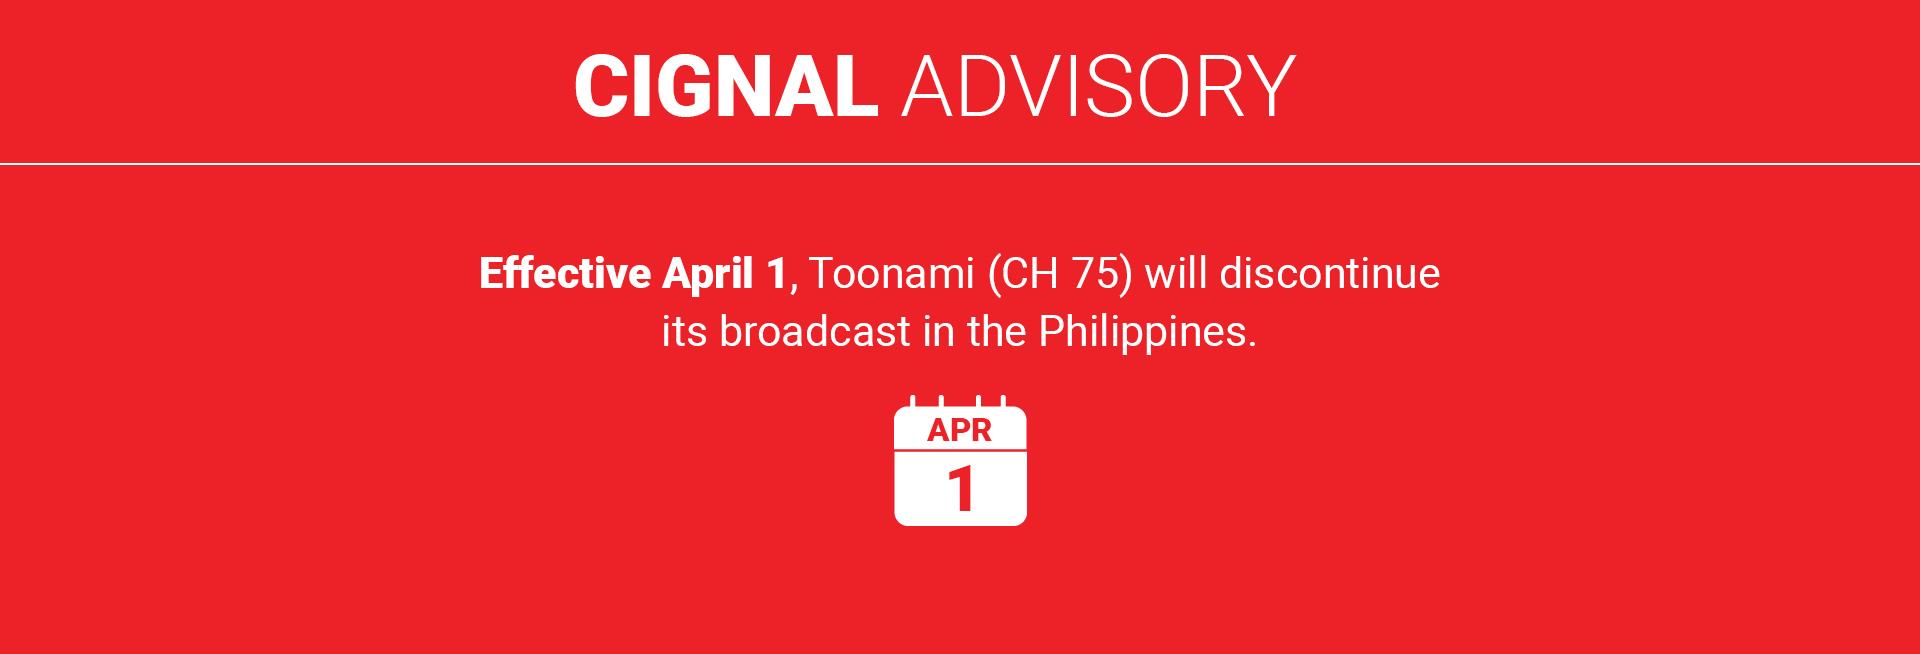 Cignal Advisory Toonami